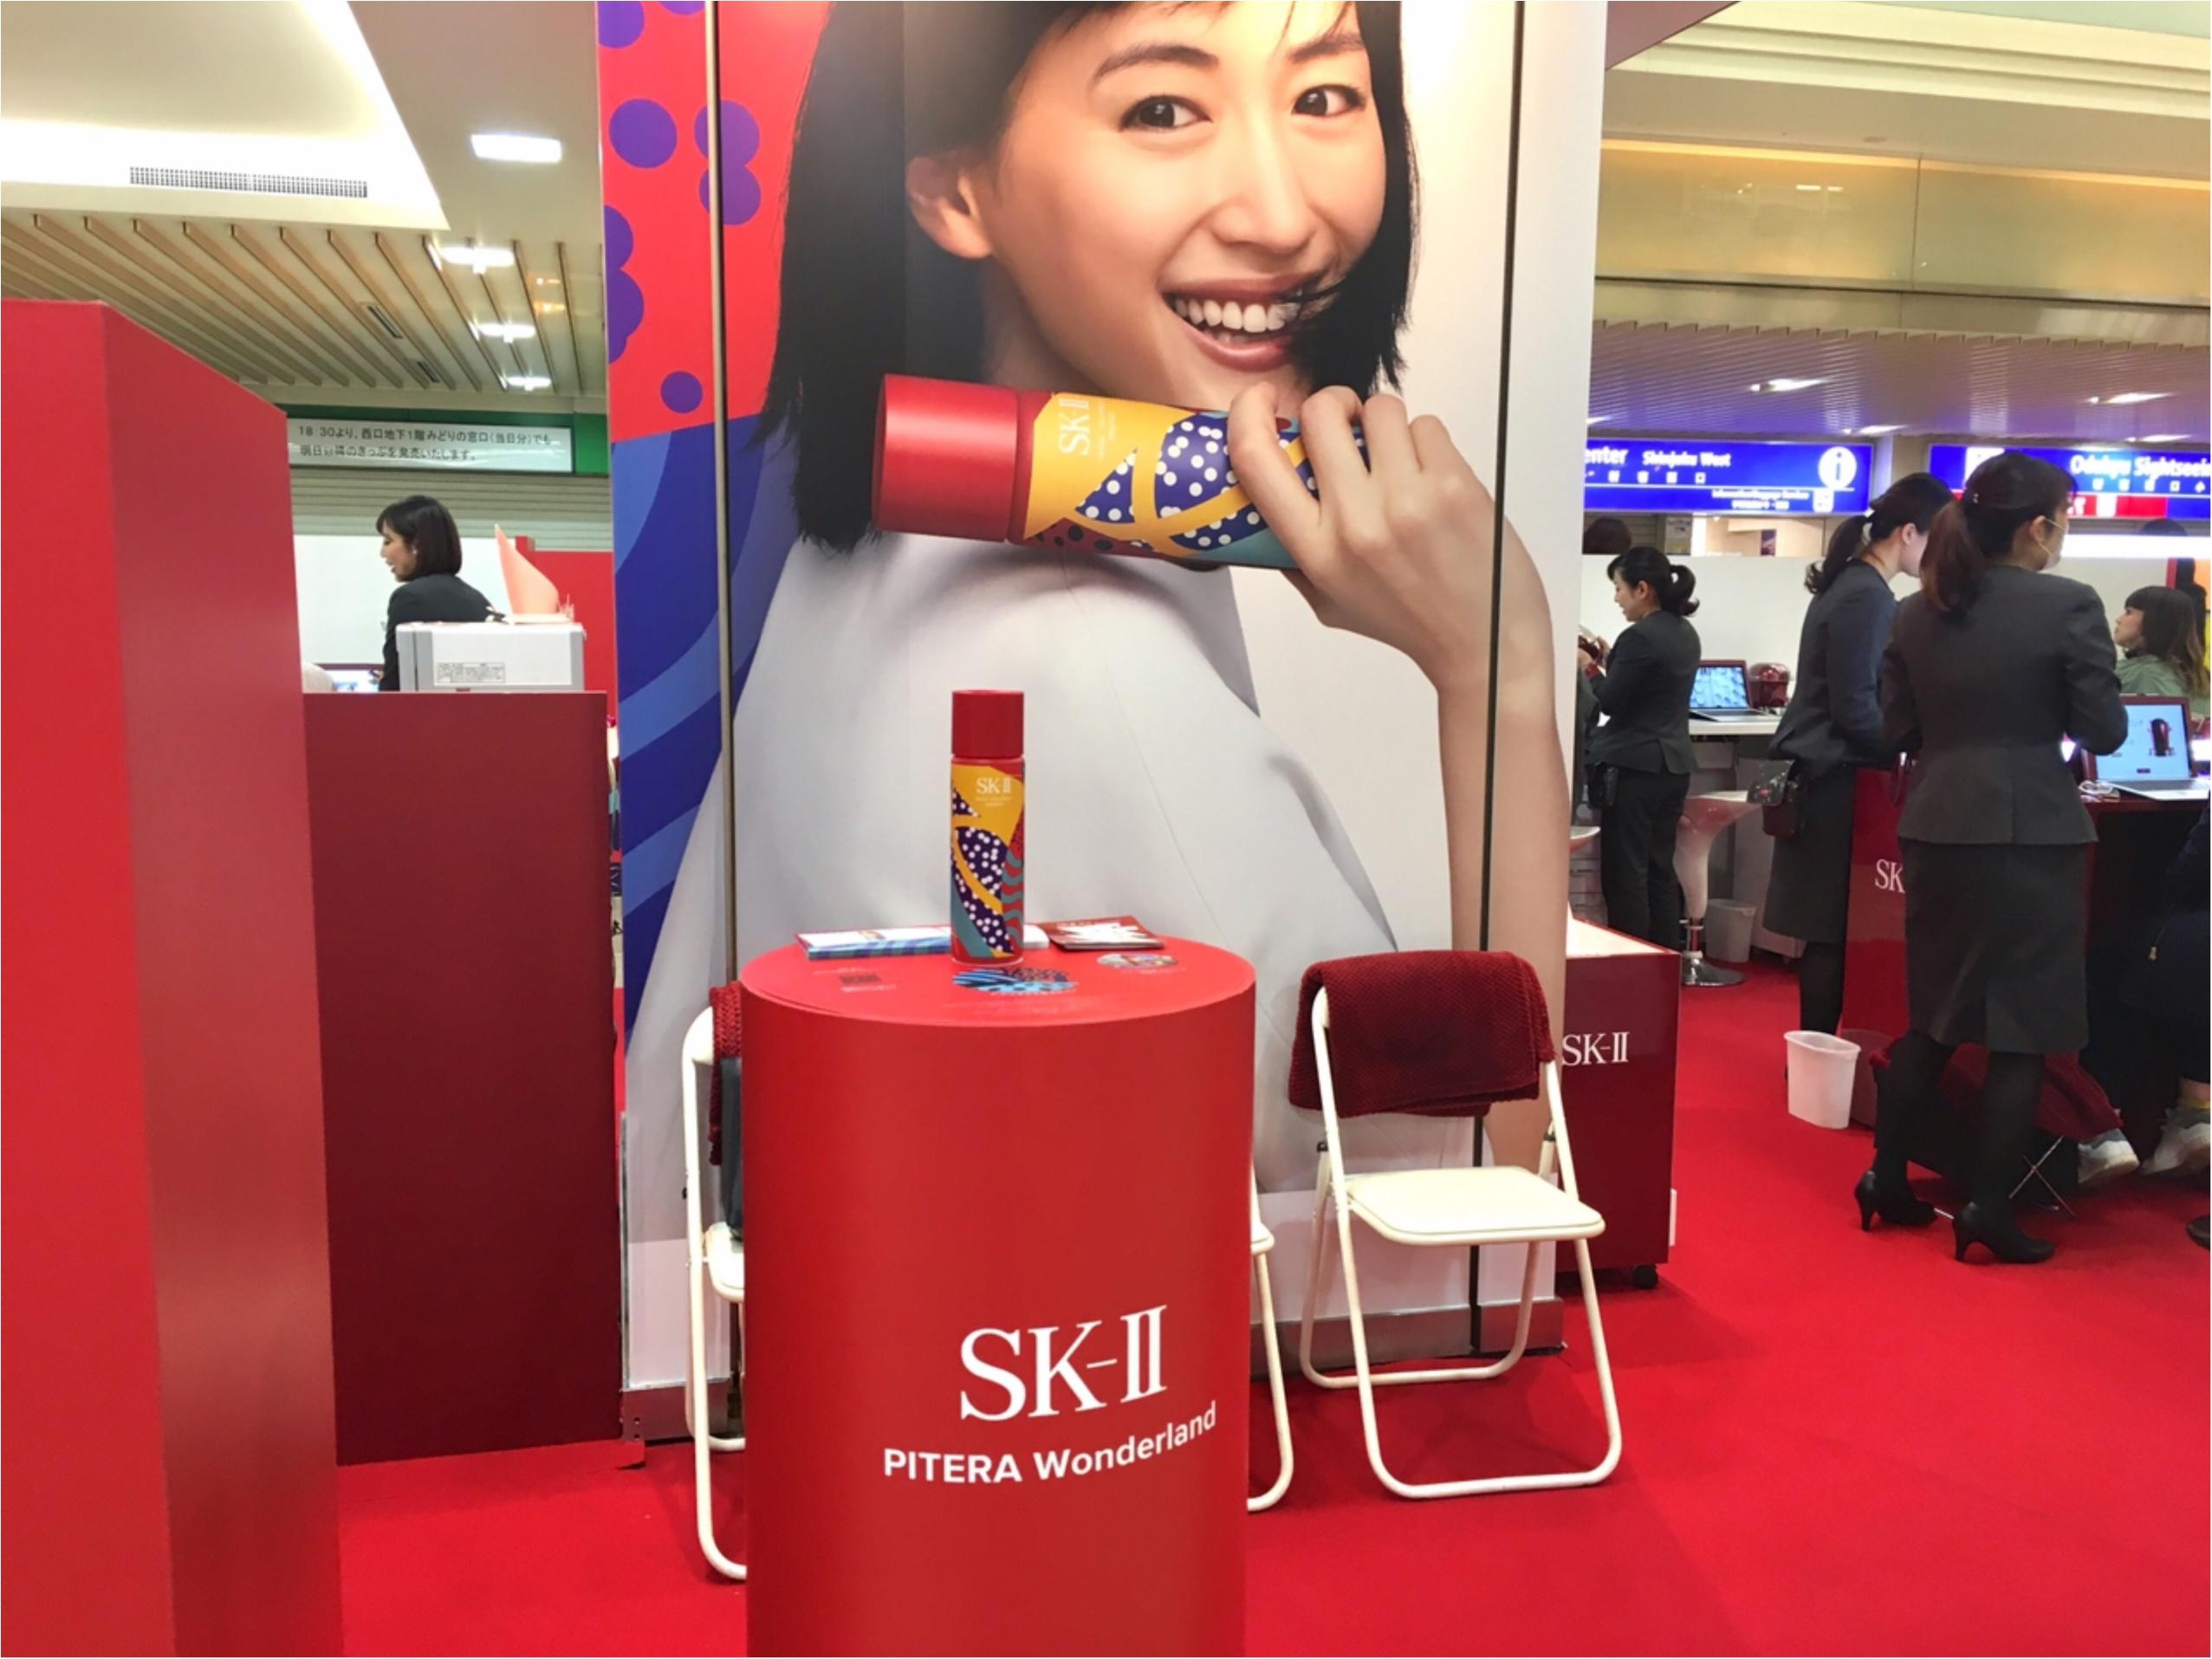 SK-IIの肌診断イベント実施中!これからのスキンケアは、、_1